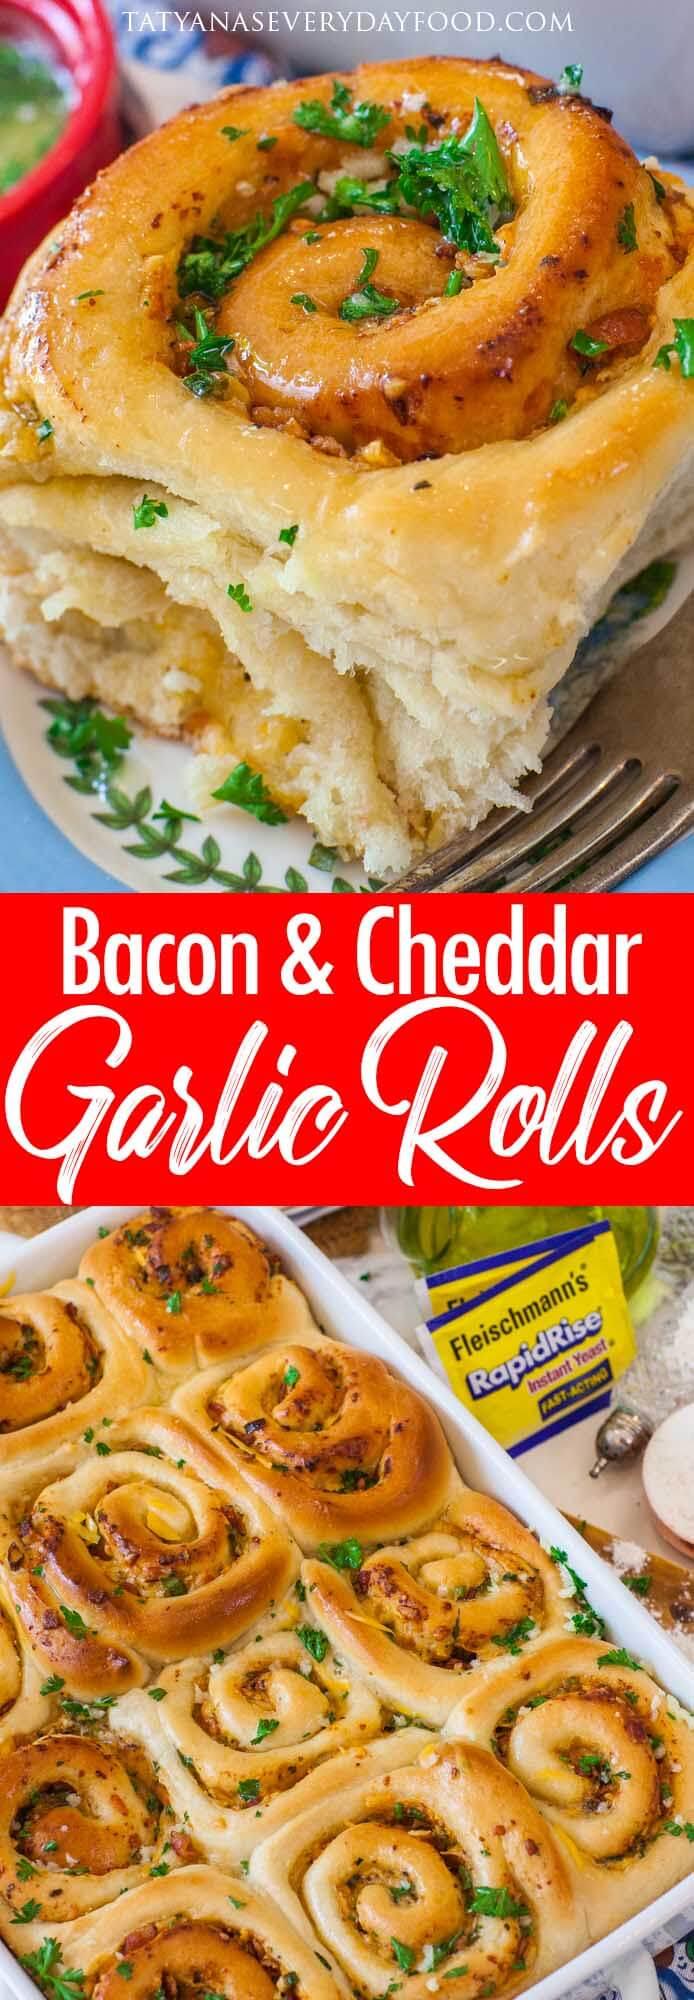 Bacon & Cheddar Garlic Rolls video recipe